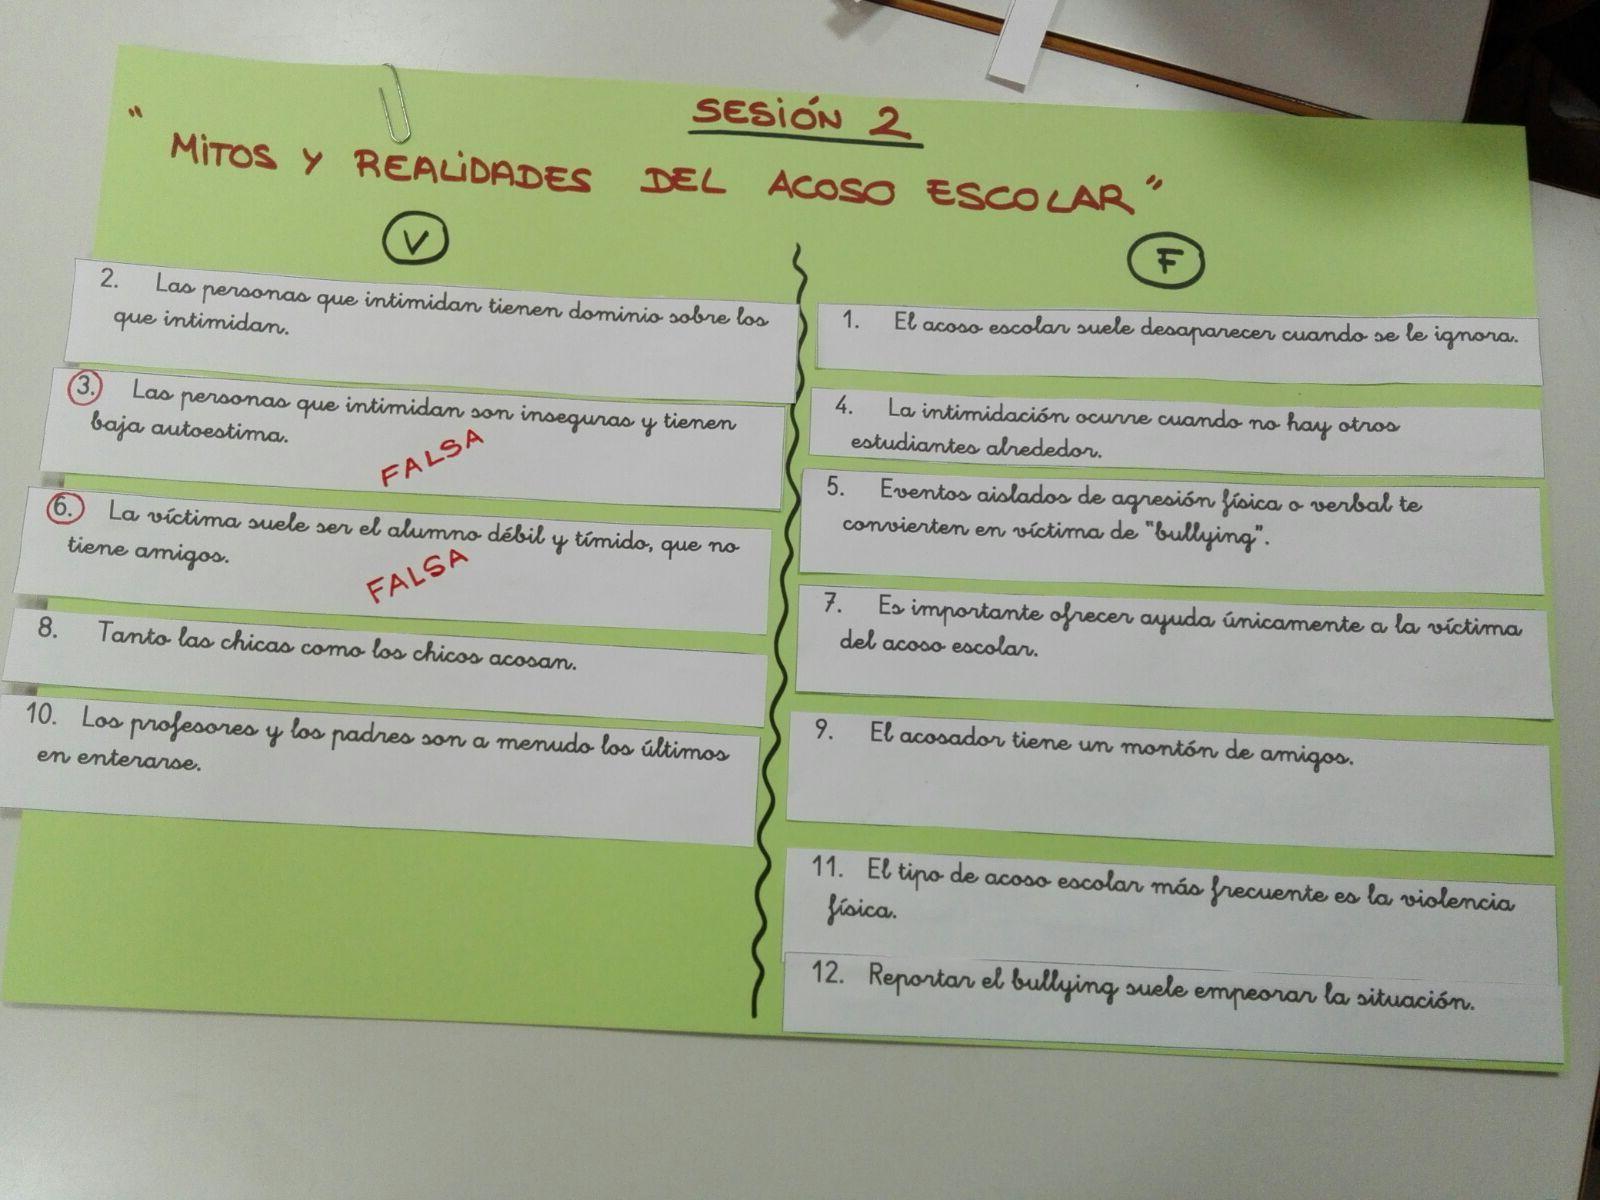 Dinámica de grupo sobre análisis de los mitos y realidades del acoso escolar